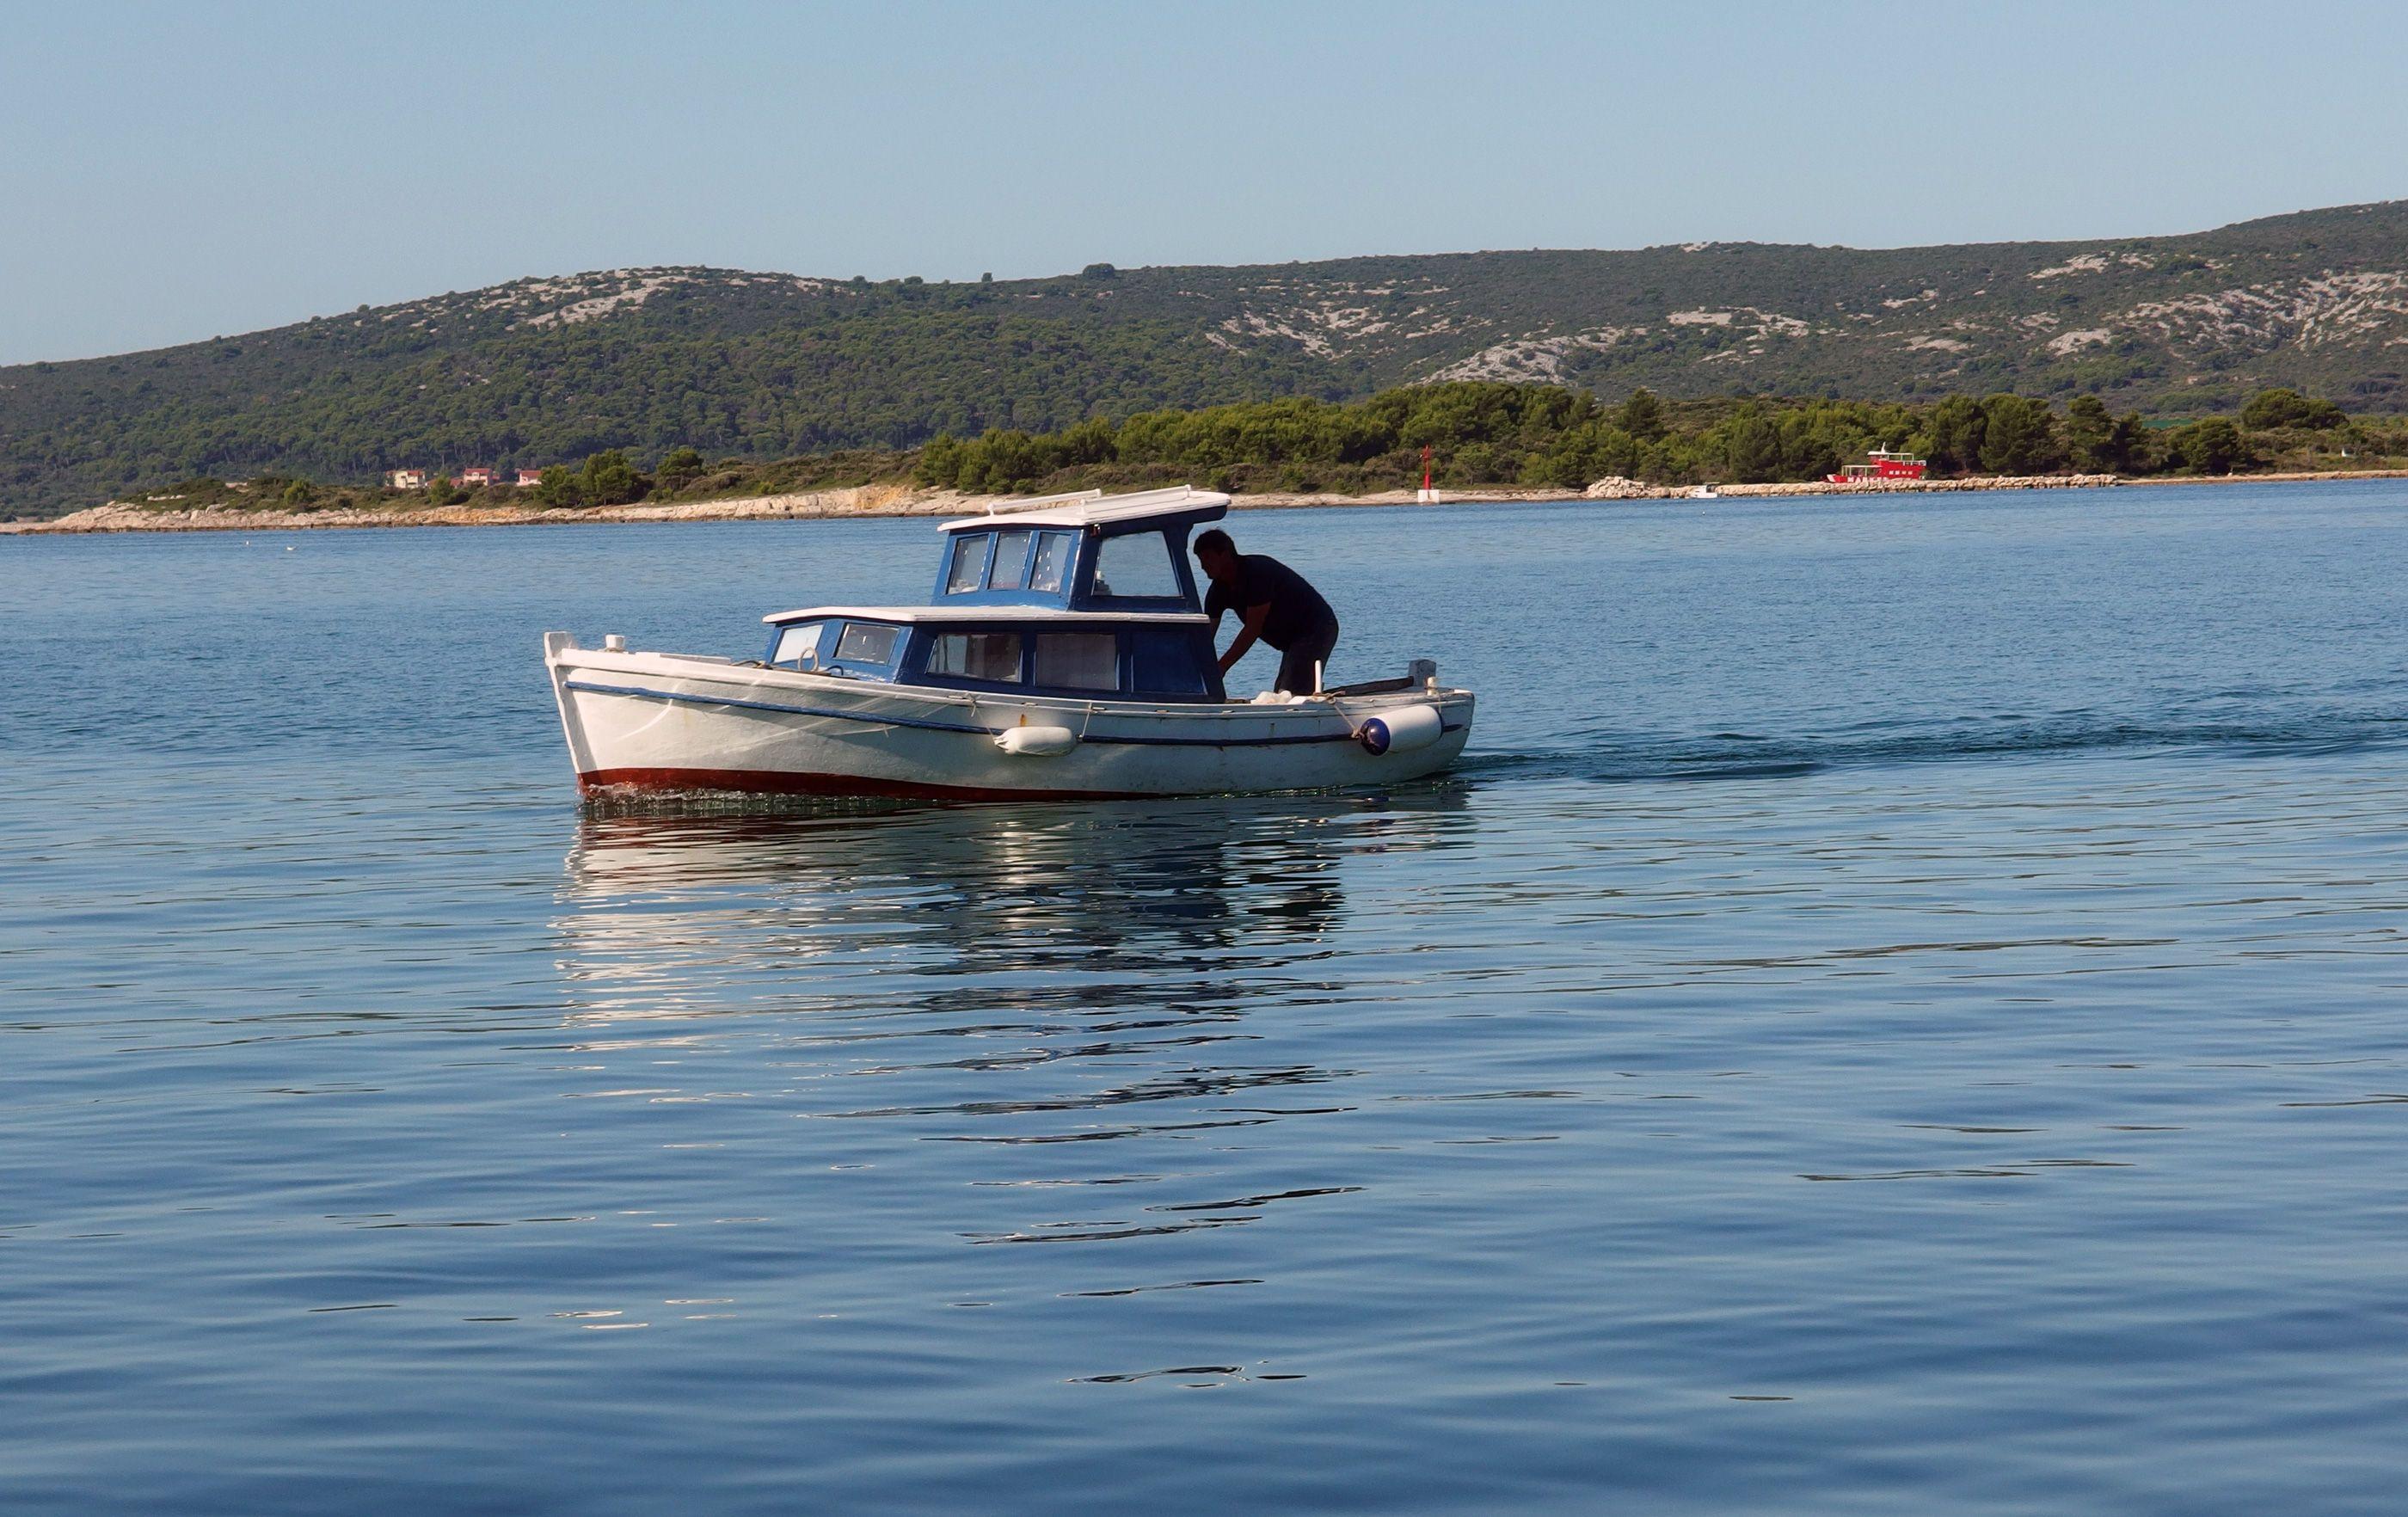 FREE IMAGE: Small Boat At Sea